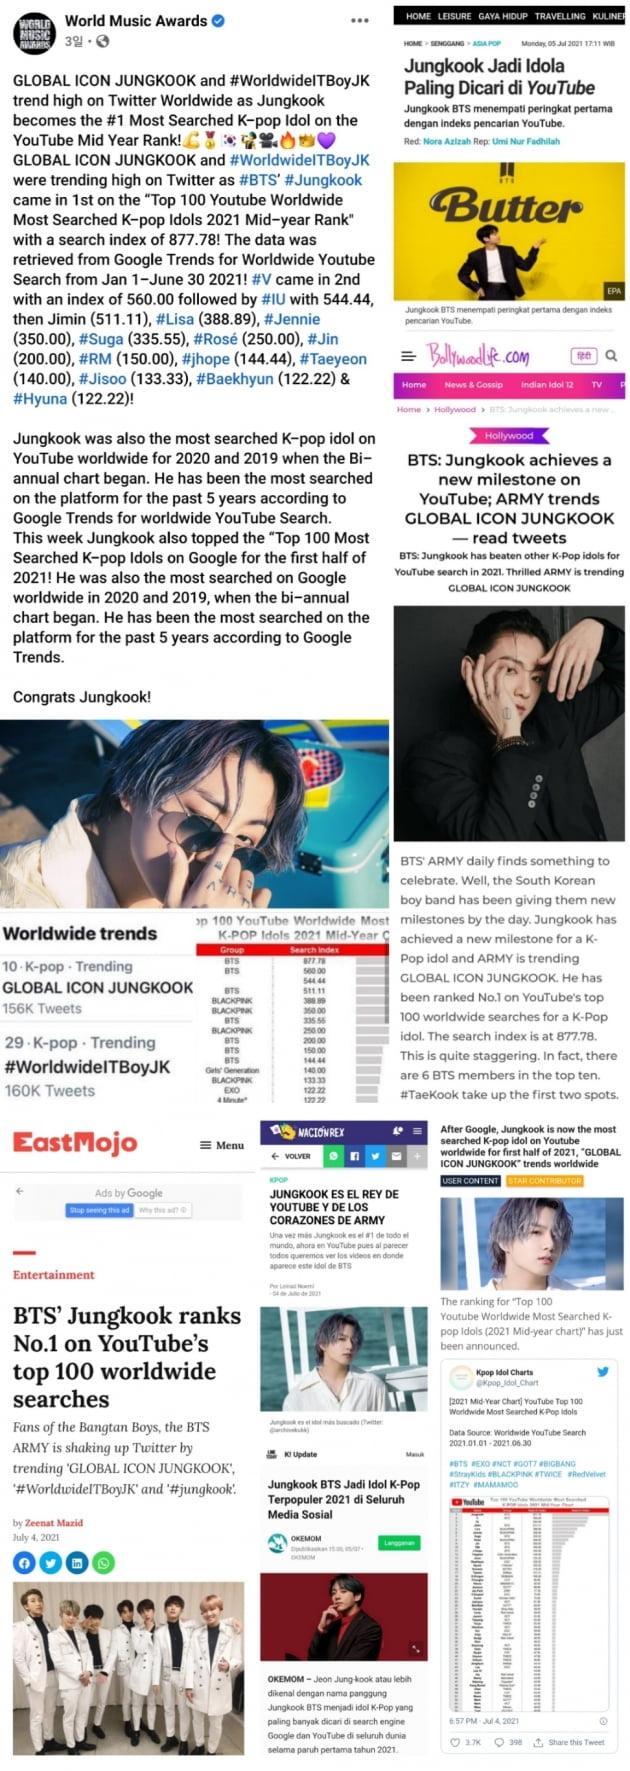 방탄소년단 정국, '2021년 상반기' 유튜브 최다 검색 K팝 아이돌 1위